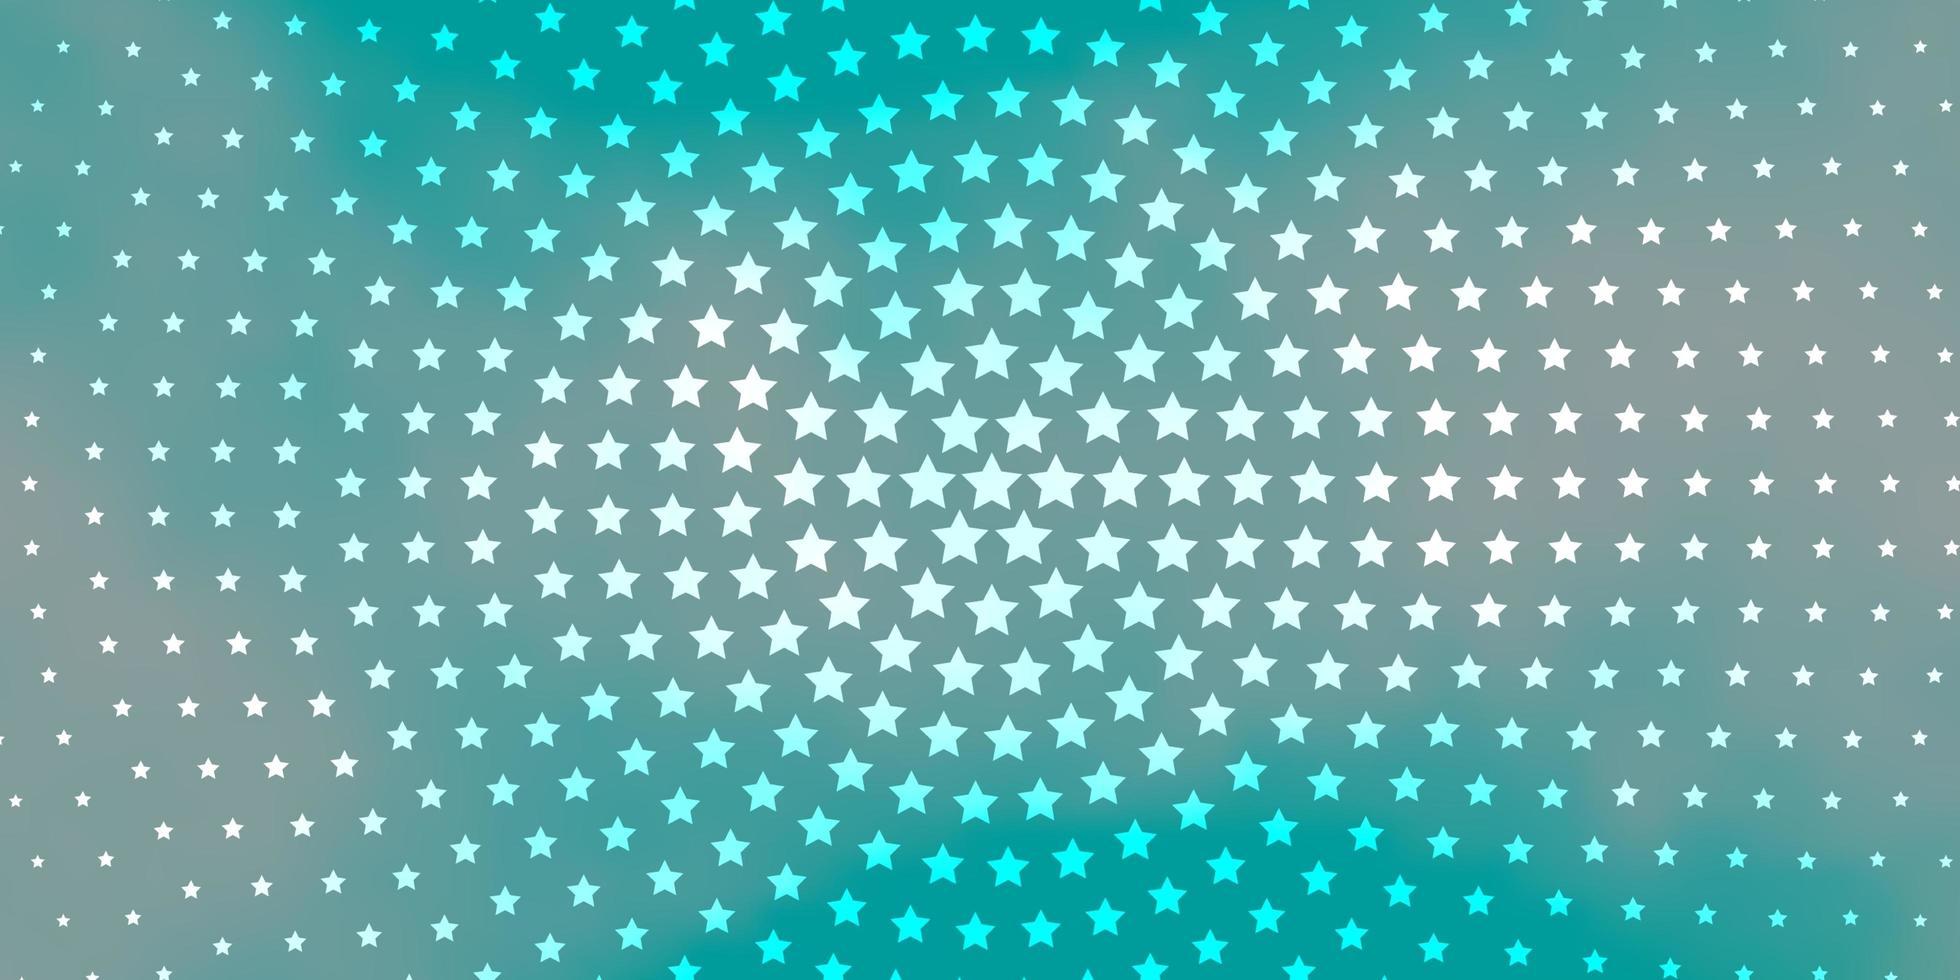 blauwe achtergrond met kleurrijke sterren. vector